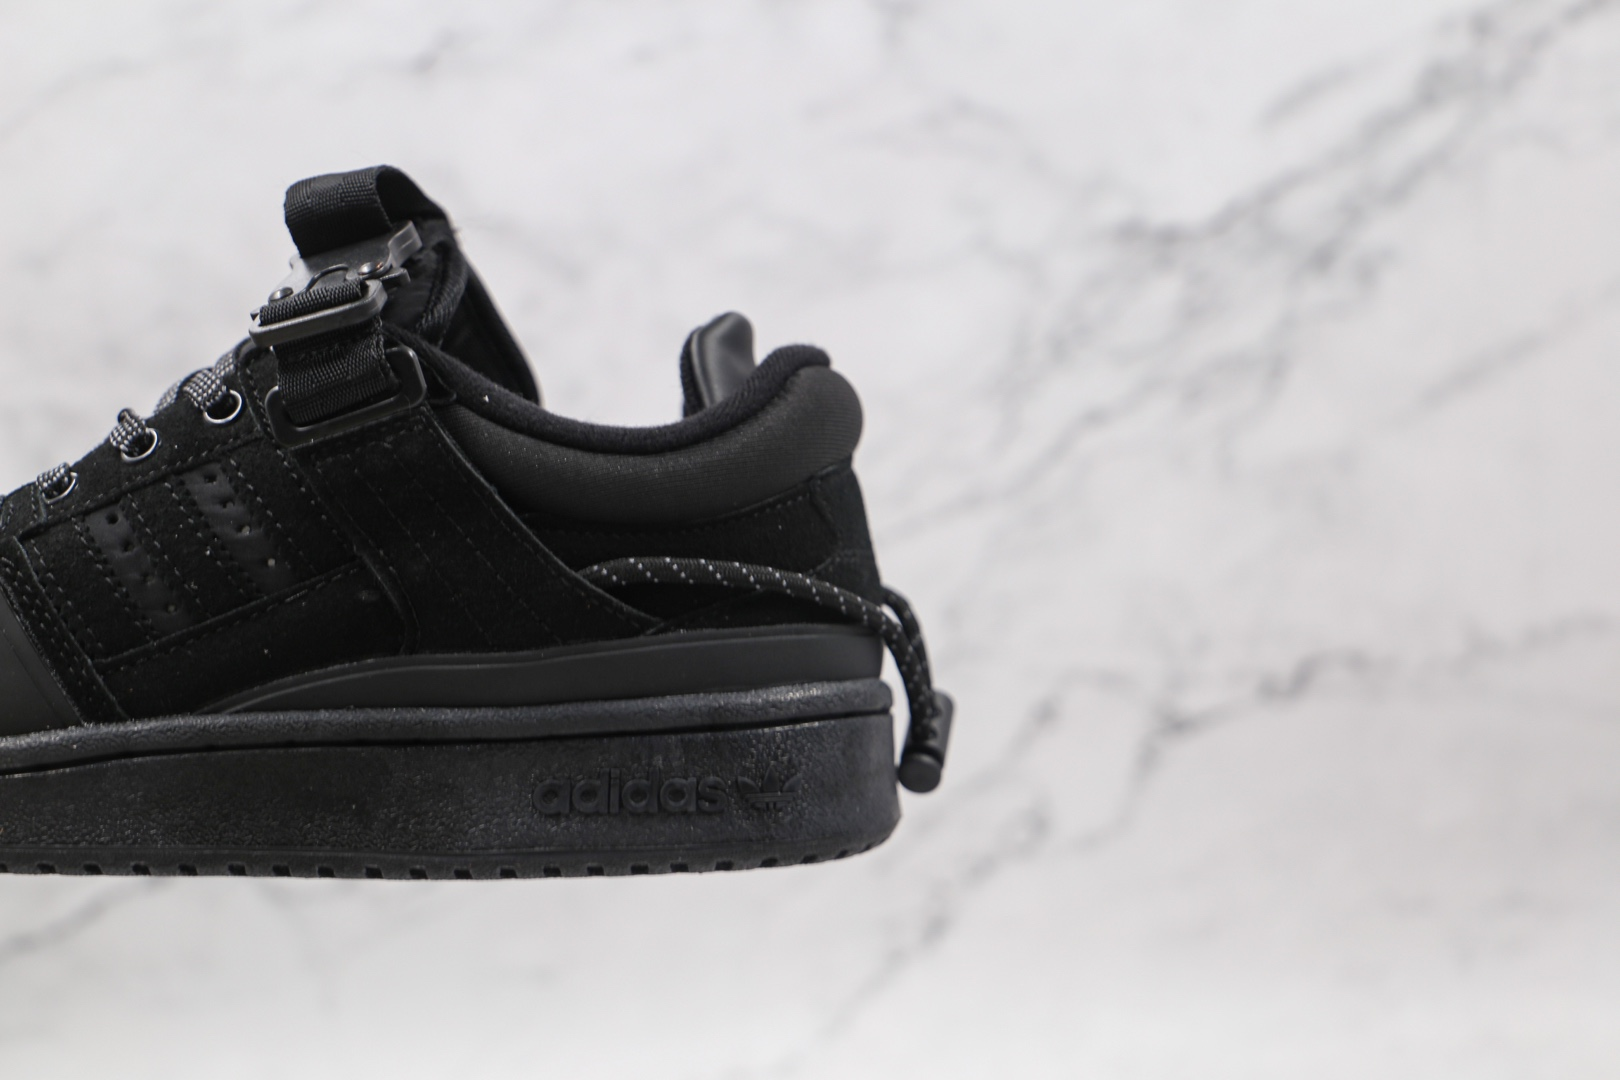 阿迪达斯adidas Forum Buckle Low x Bad Bunny联名款纯原版本低帮黑色复古板鞋内置气垫 货号:GW0267